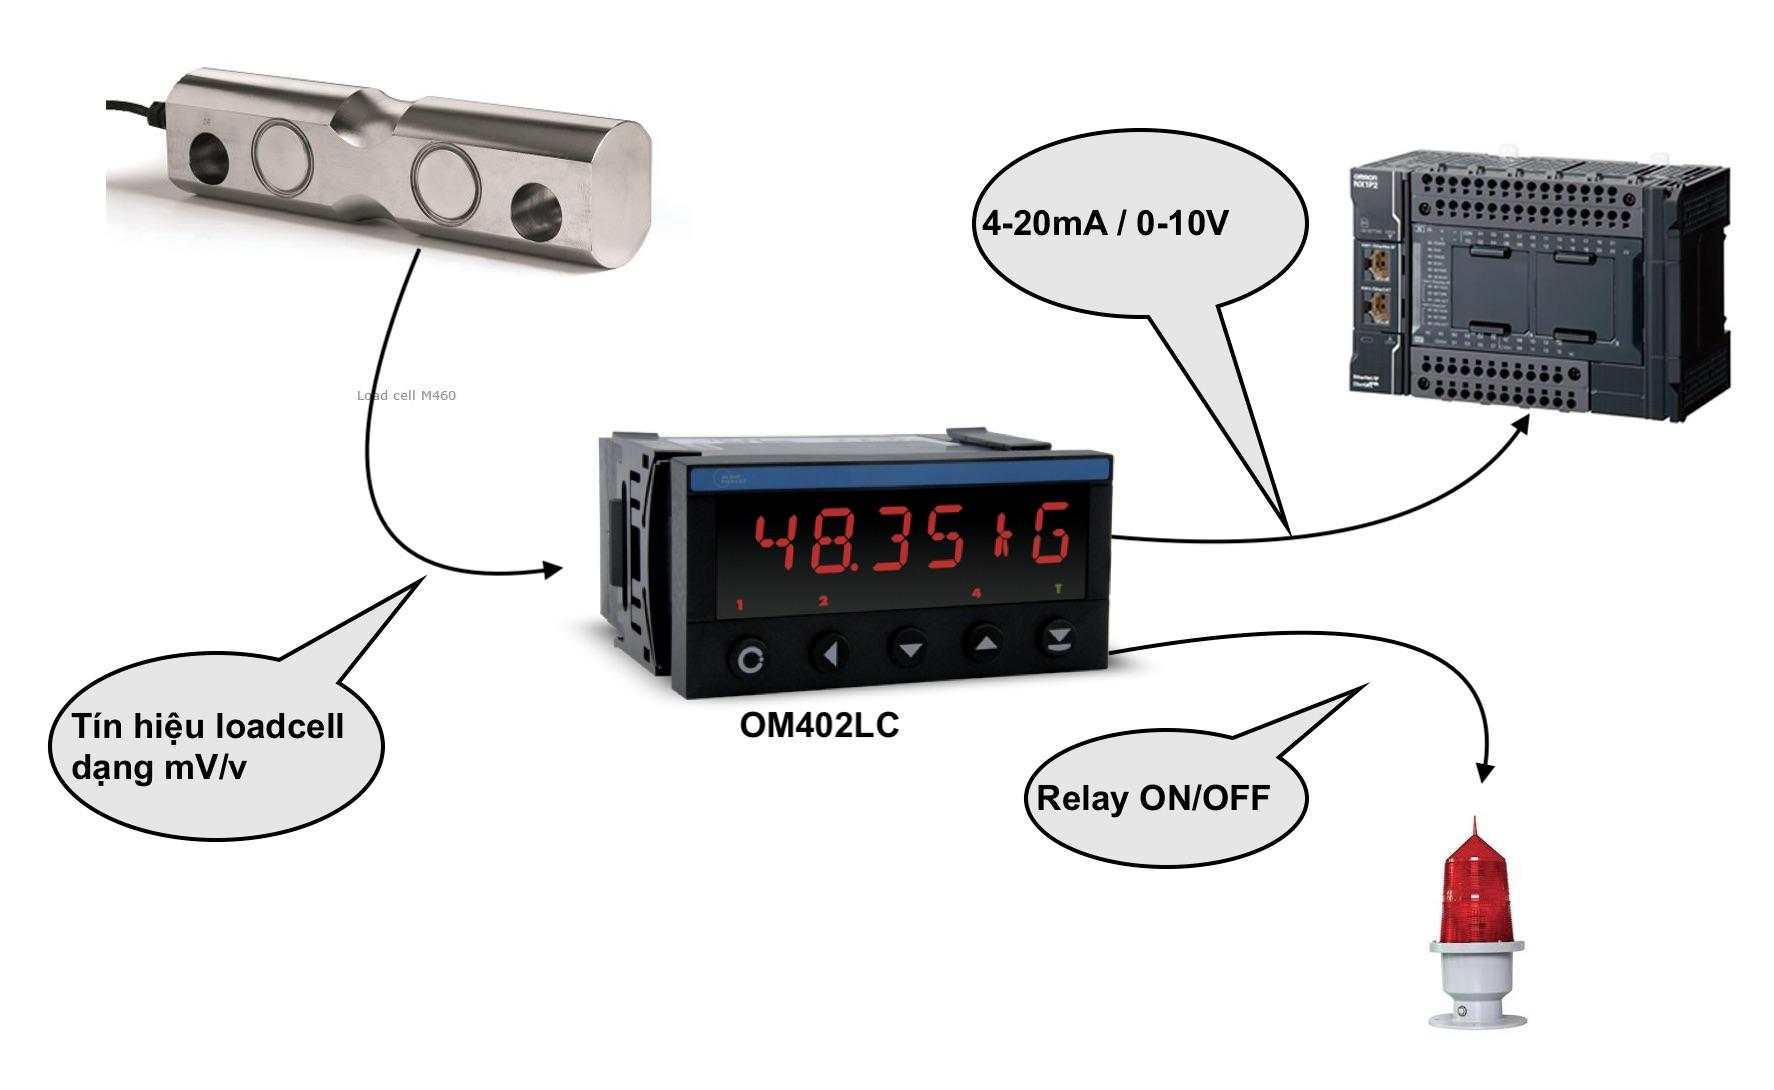 Bộ điều khiển loadcell với ngõ ra relay